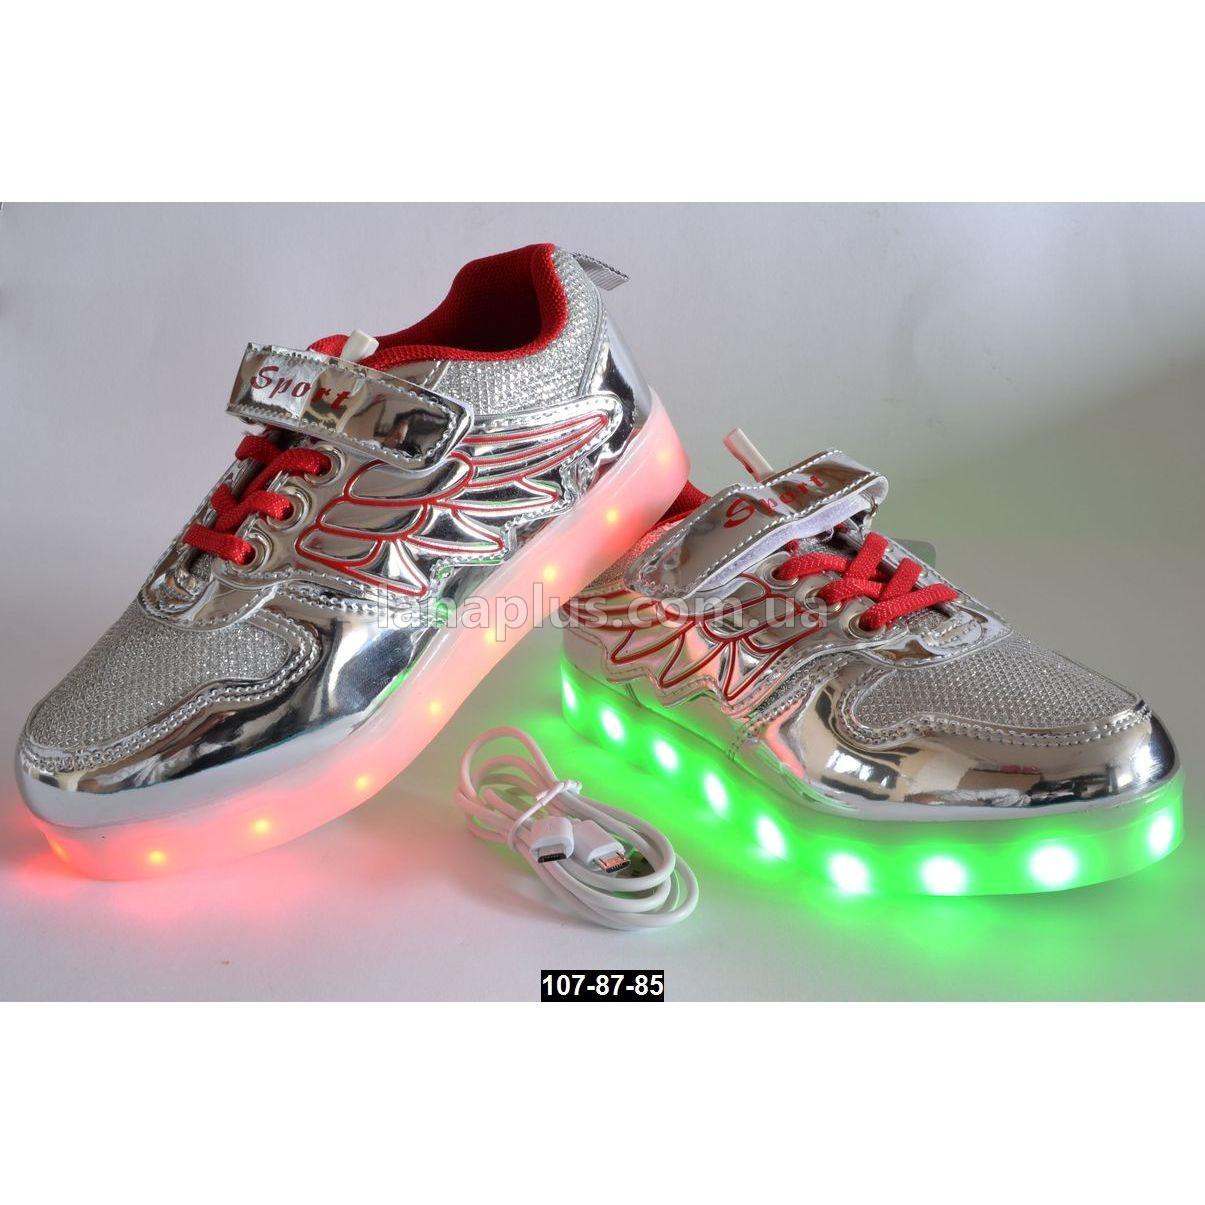 Светящиеся кроссовки, USB, 26 размер (16.5 см), 11 режимов LED подсветки, супинатор